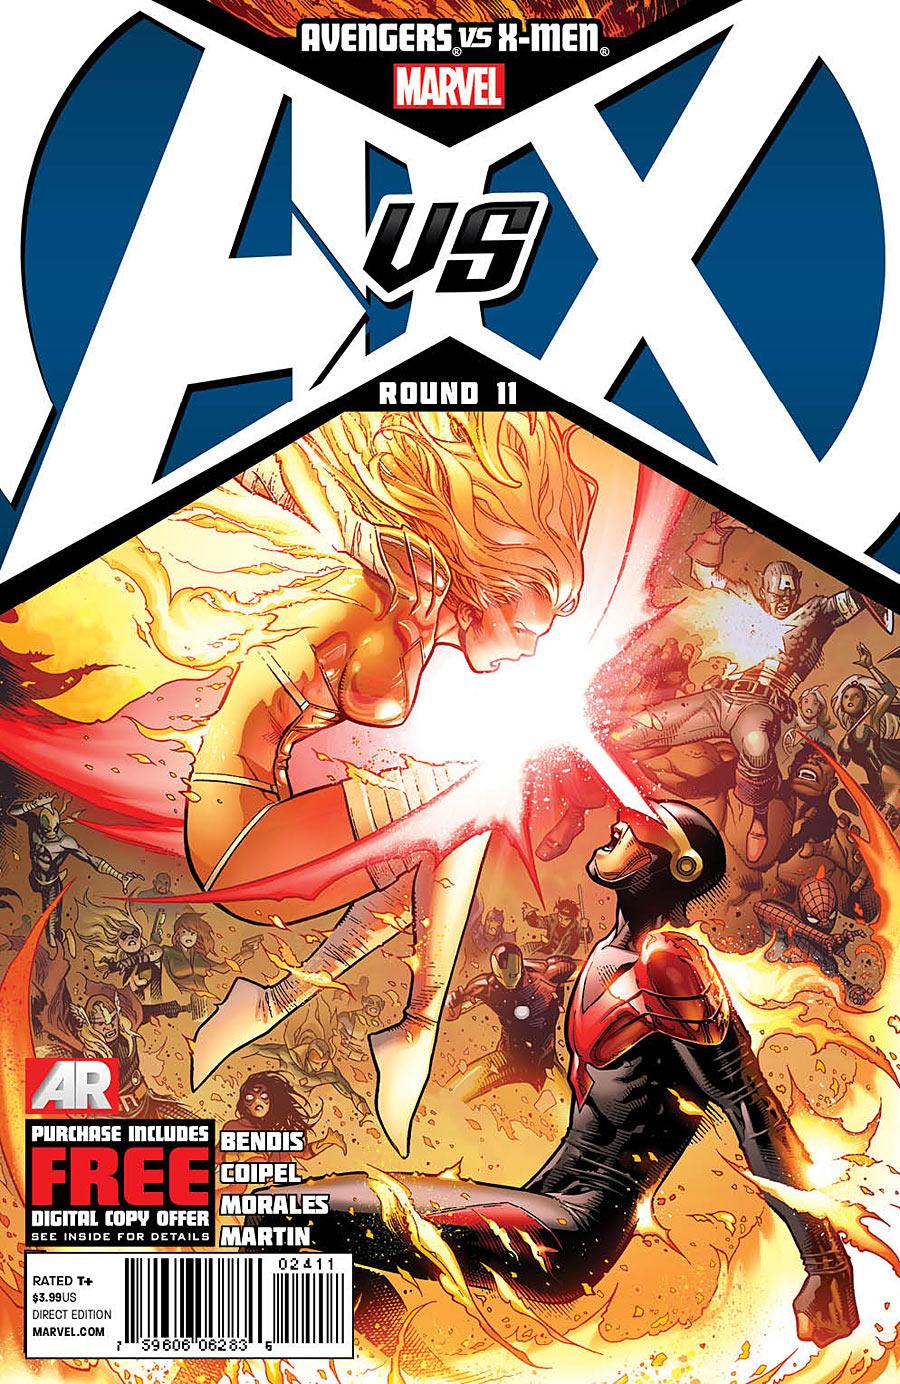 Avengers Vs. X-Men 11